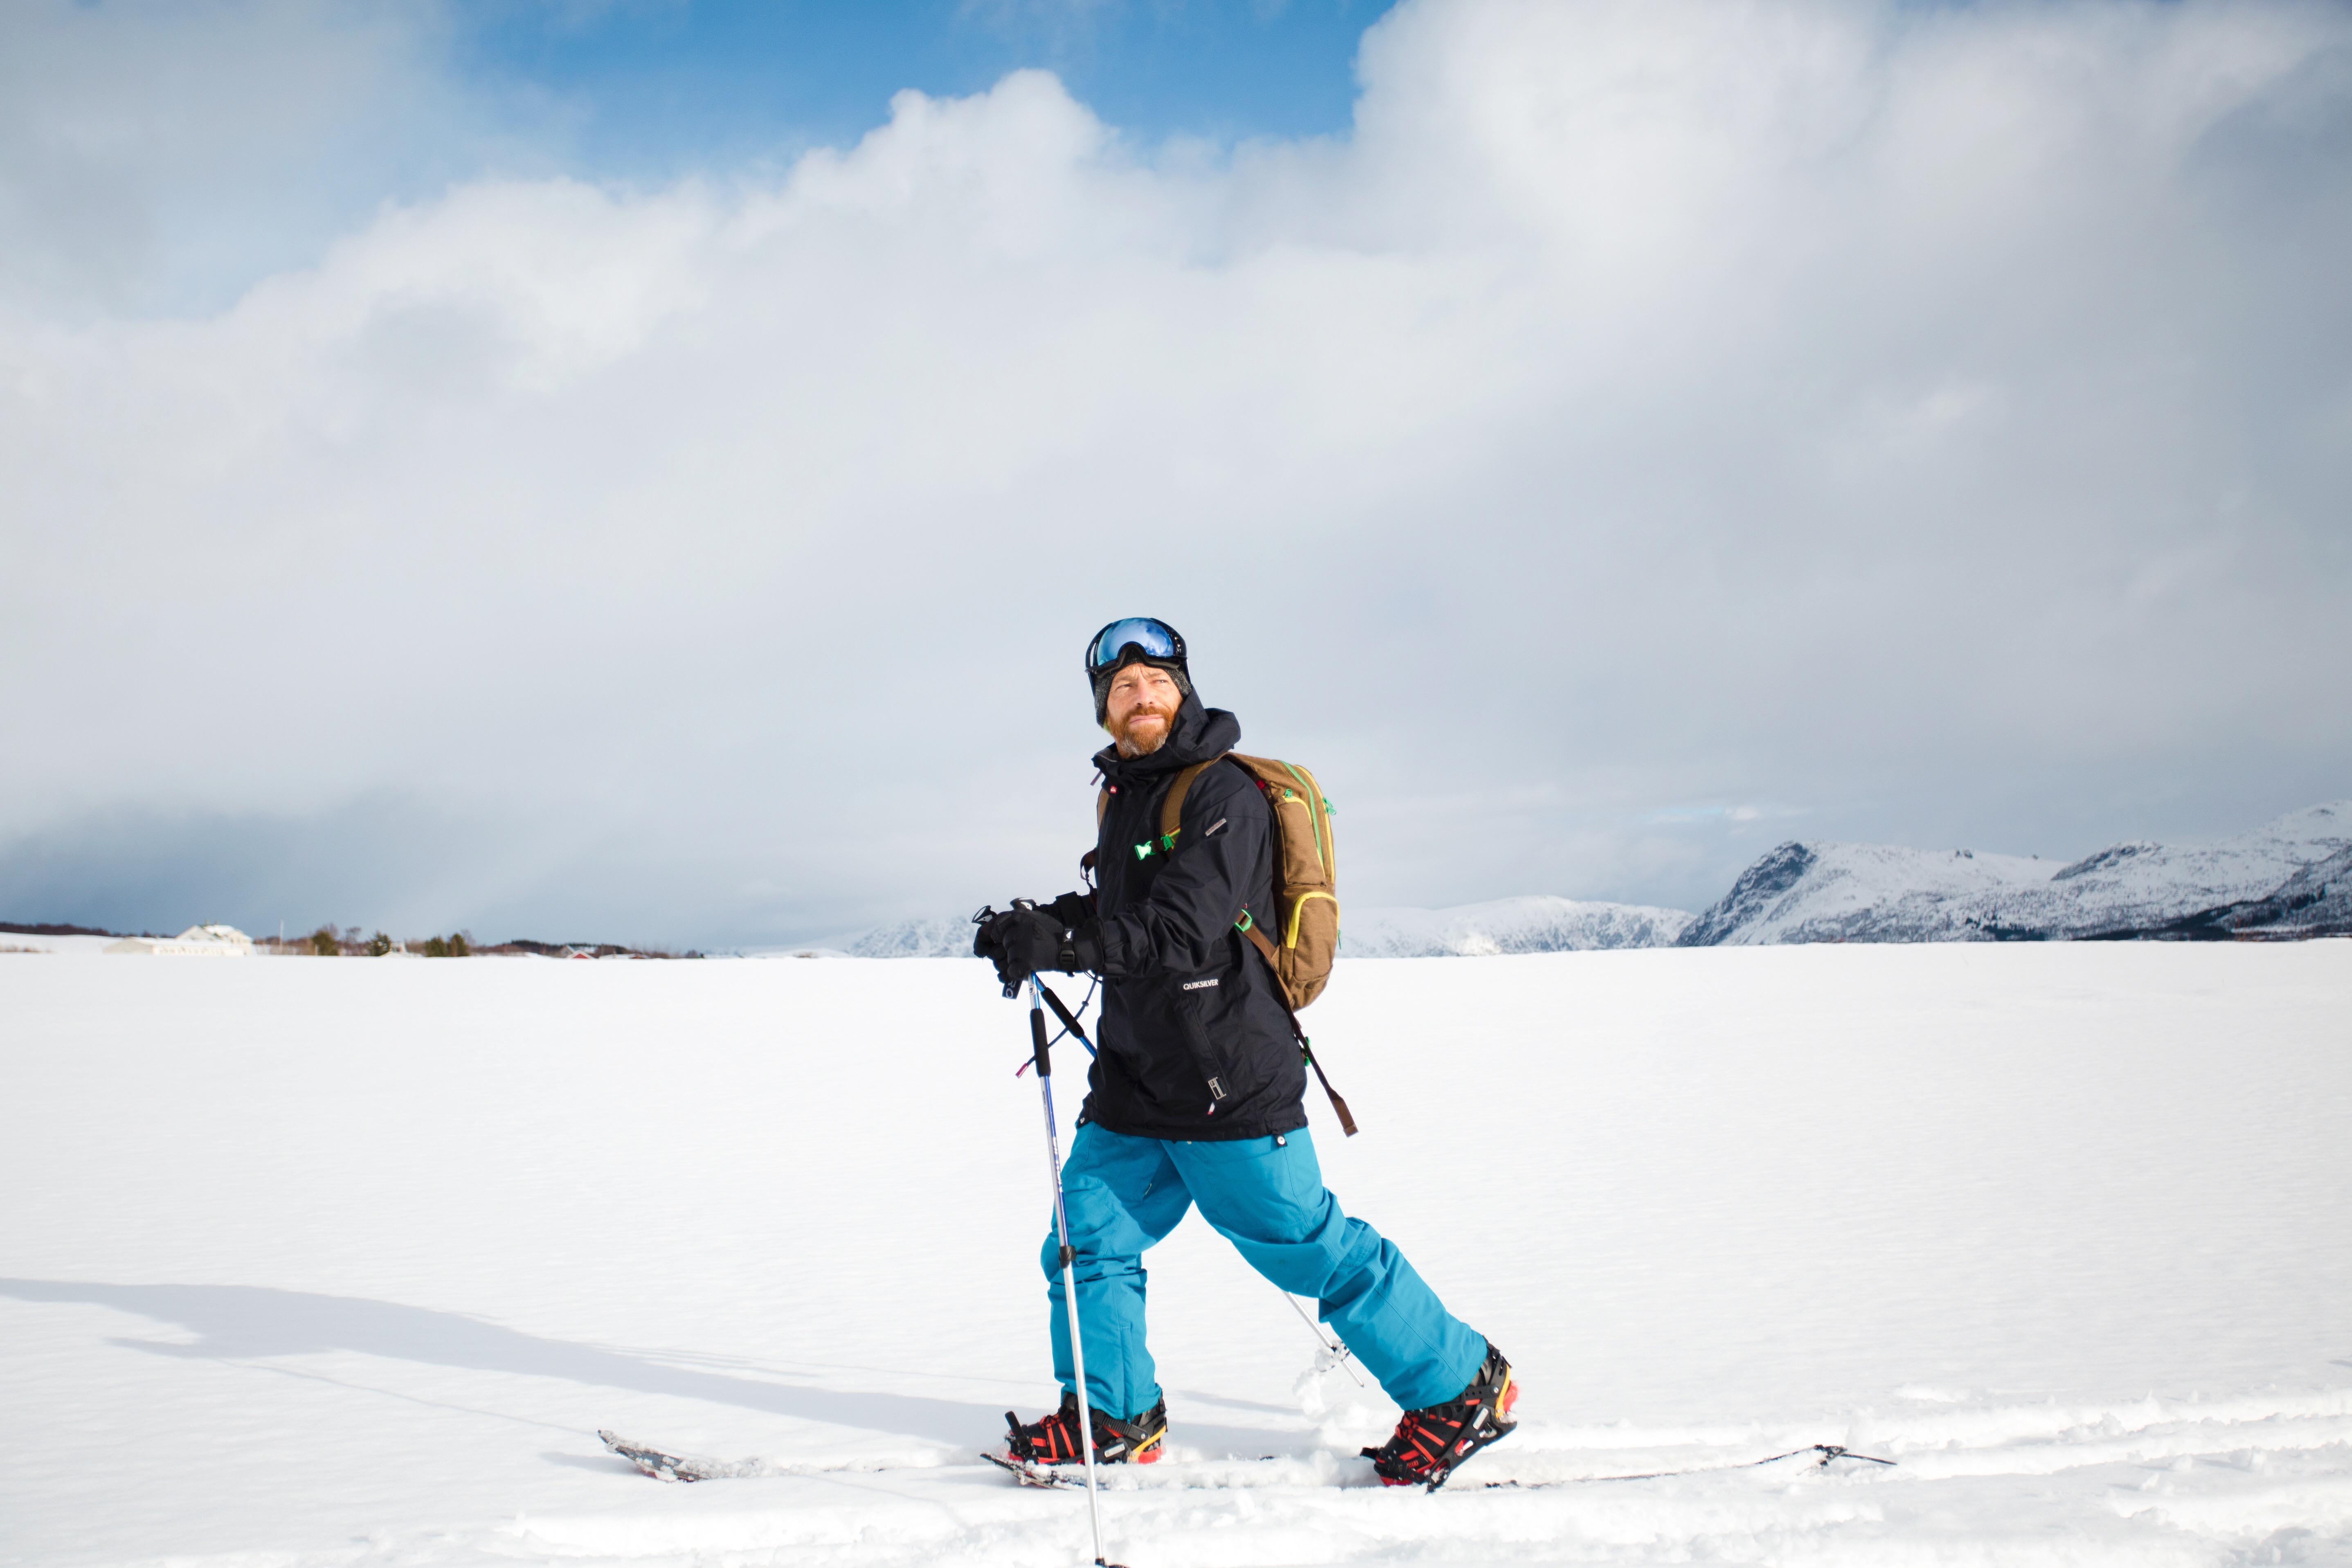 Tom Carroll splitboarding Lofoten.